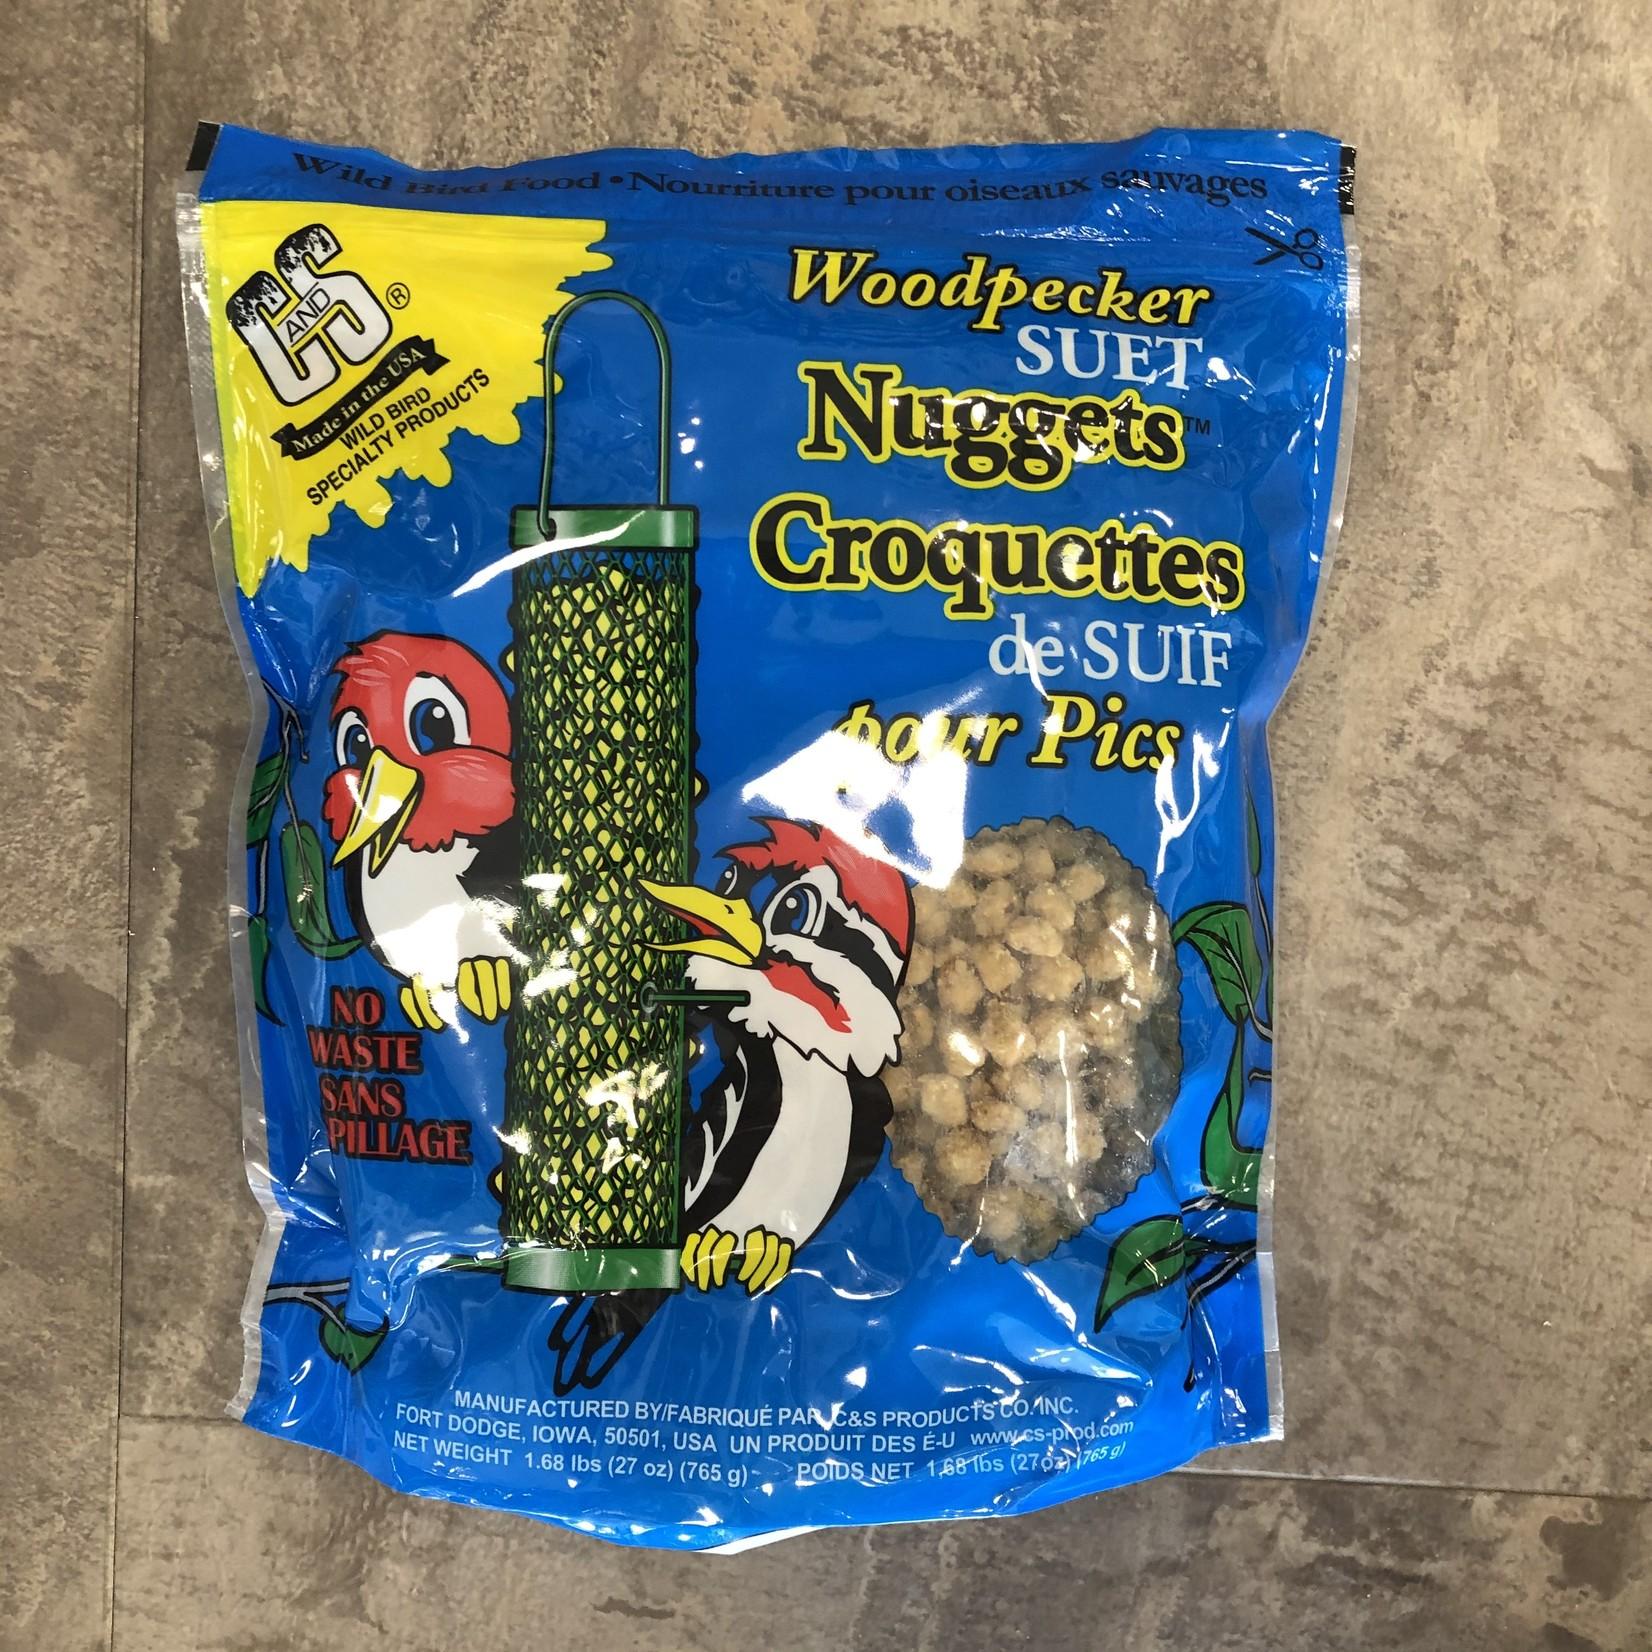 Woodpecker Suet Nuggets